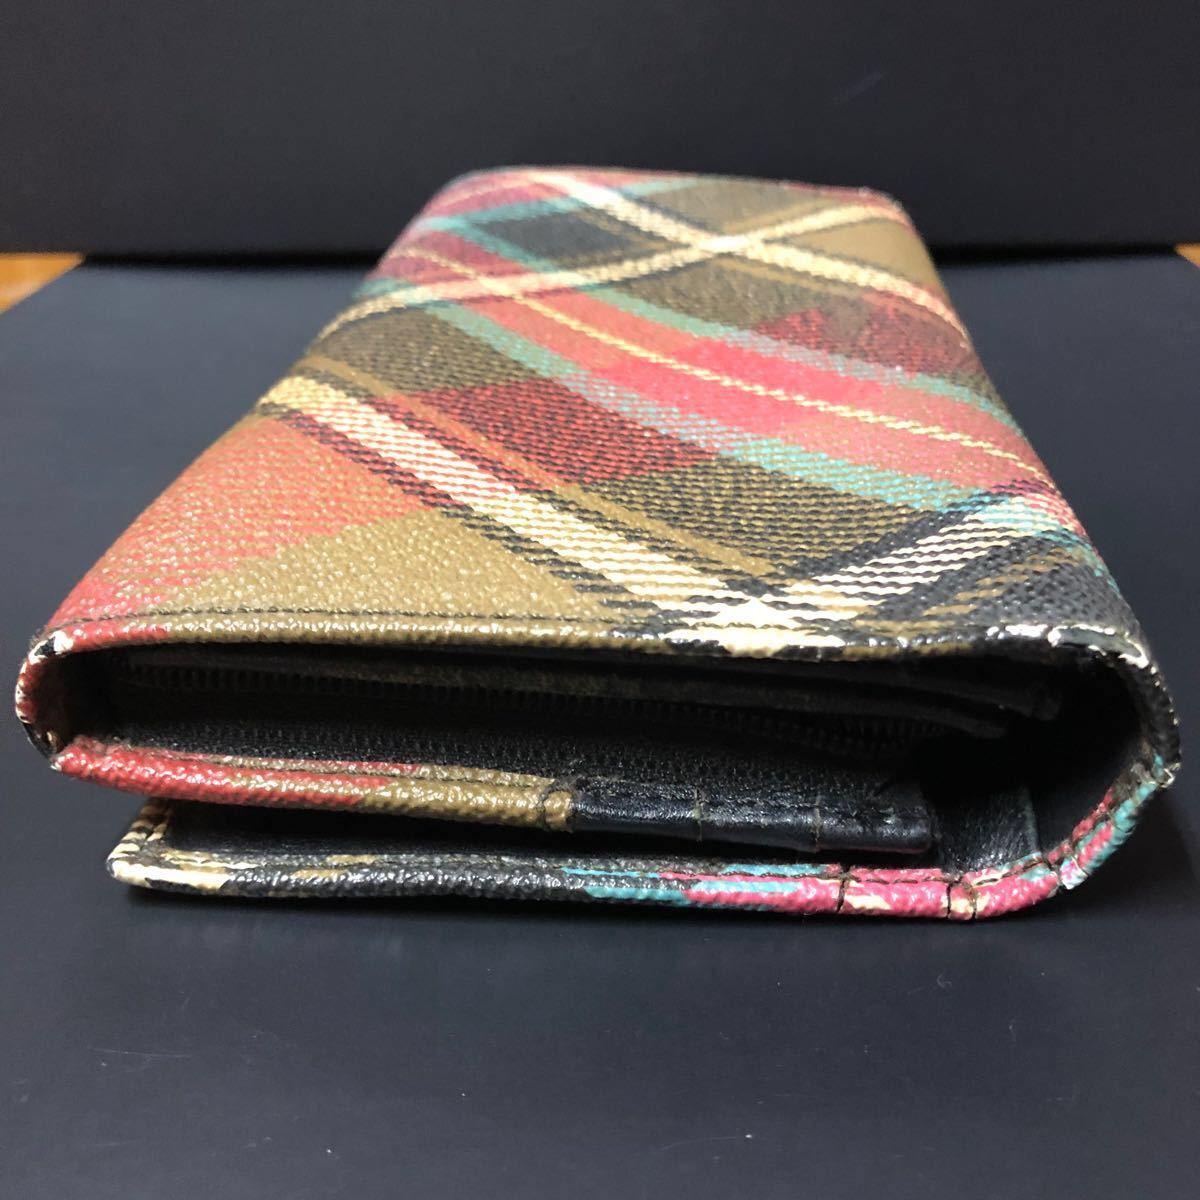 【値下げ】Vivienne Westwood ヴィヴィアンウエストウッド 長財布 財布